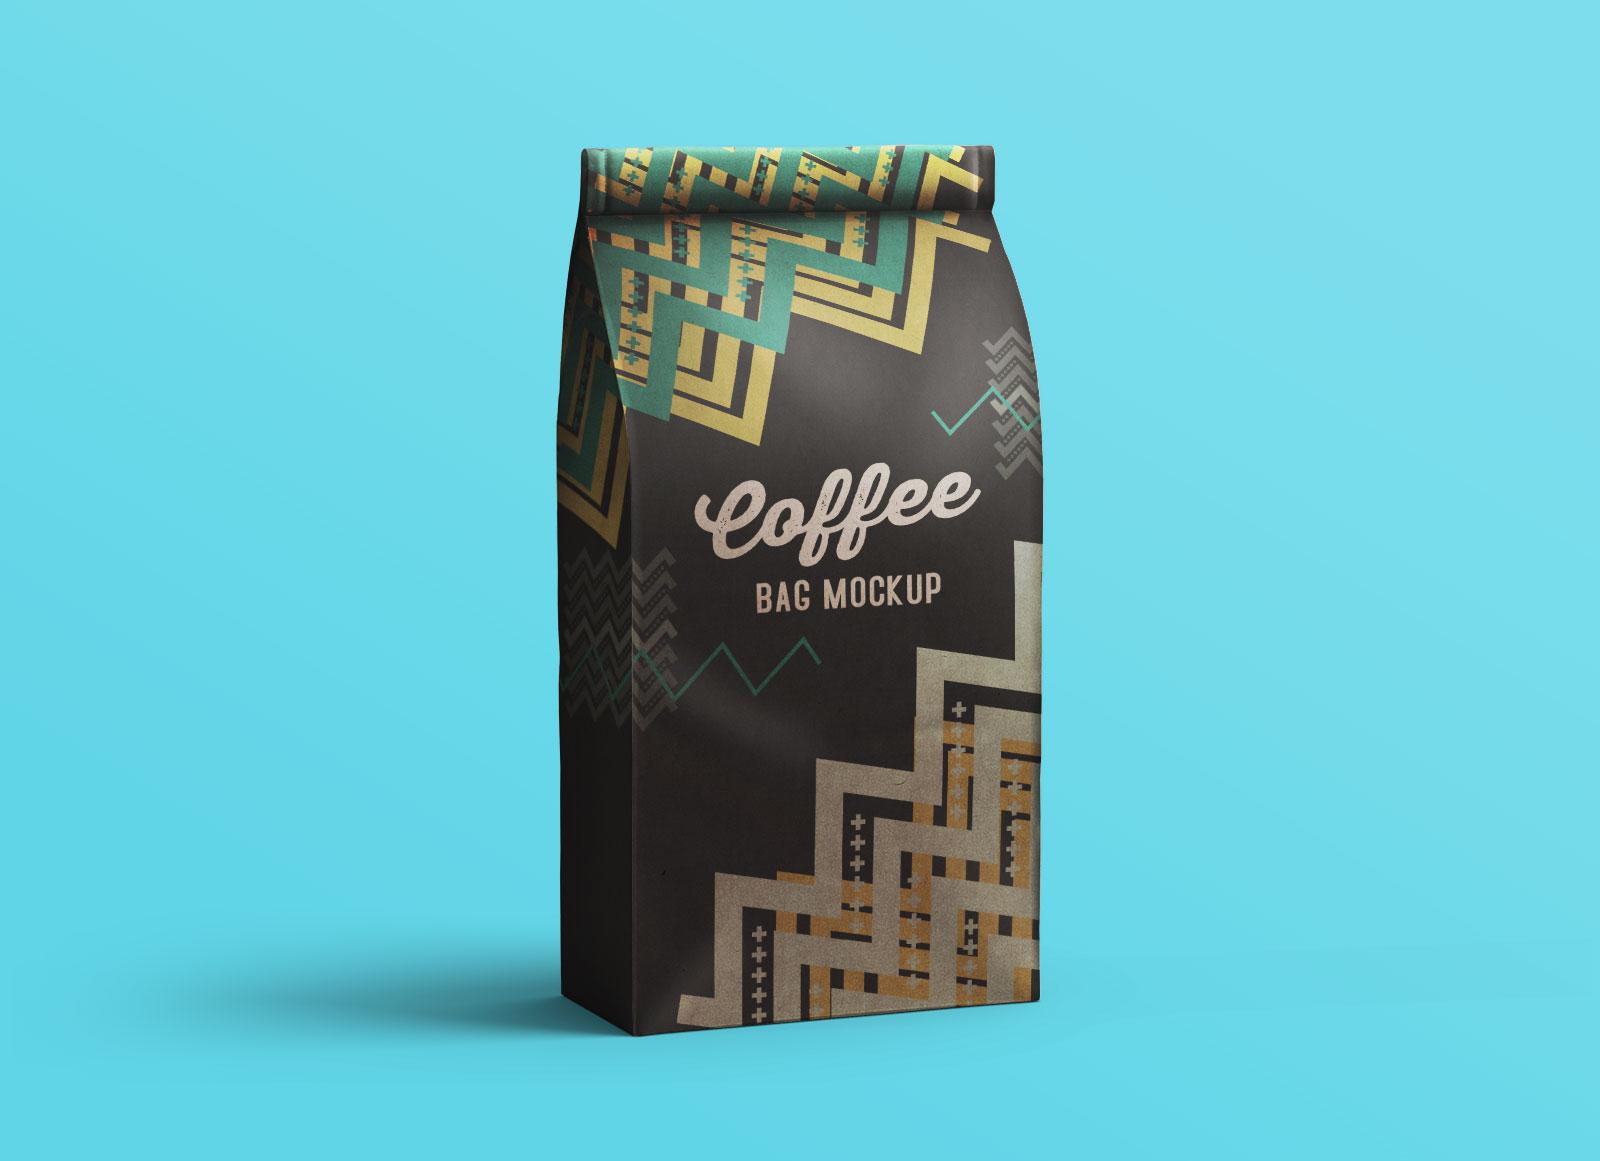 Free-Coffee-Bag-Packaging-Mockup-PSD-Set-1